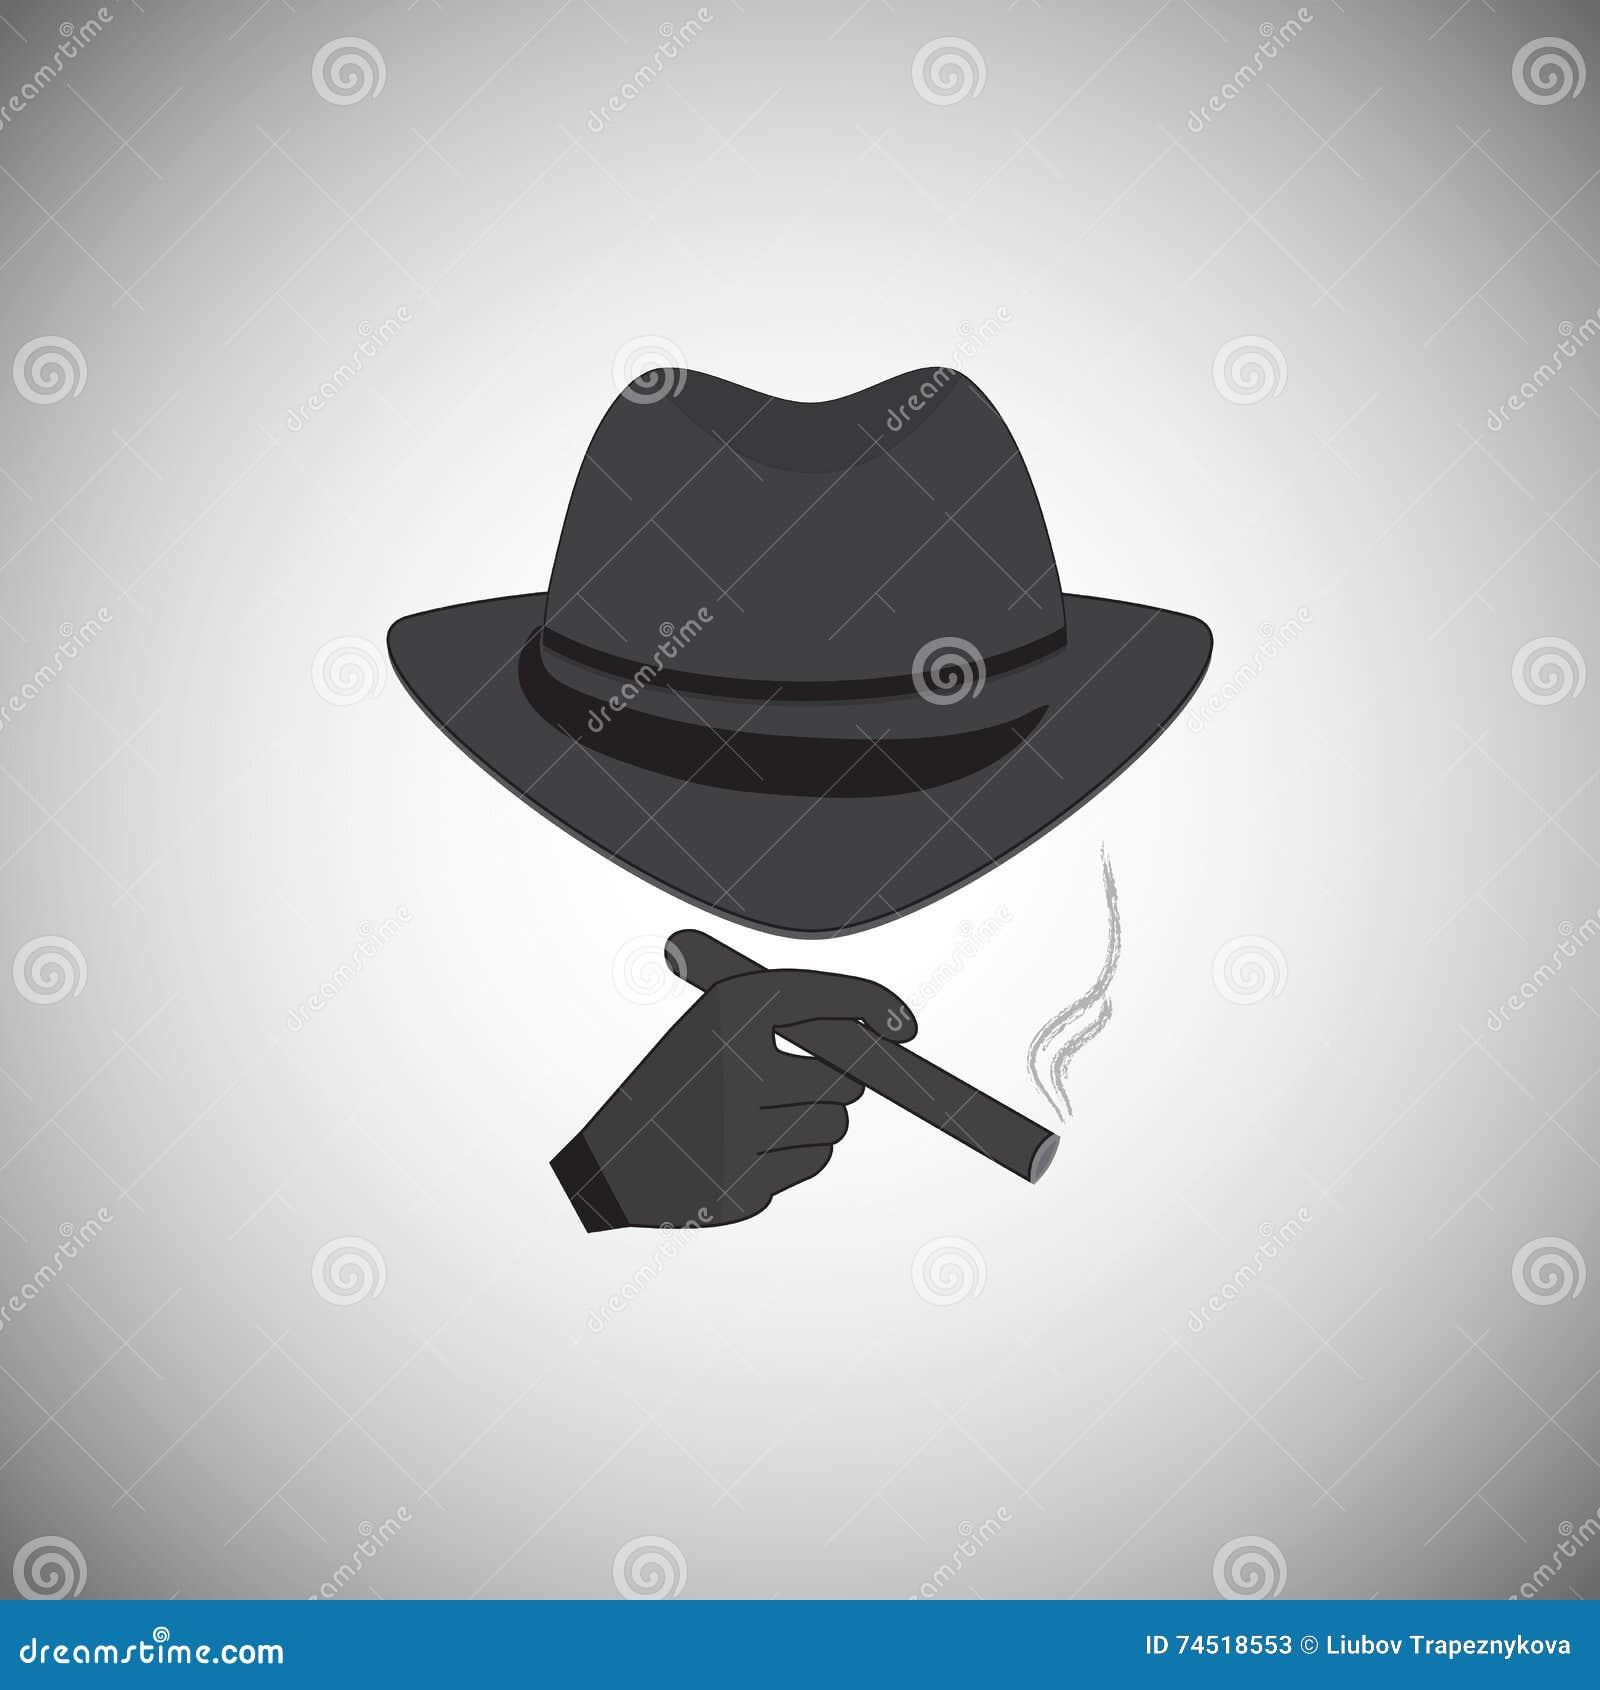 собственников картинка смайлик в очках шляпе и сигаретой в зубах аткинсон умело соблазняет